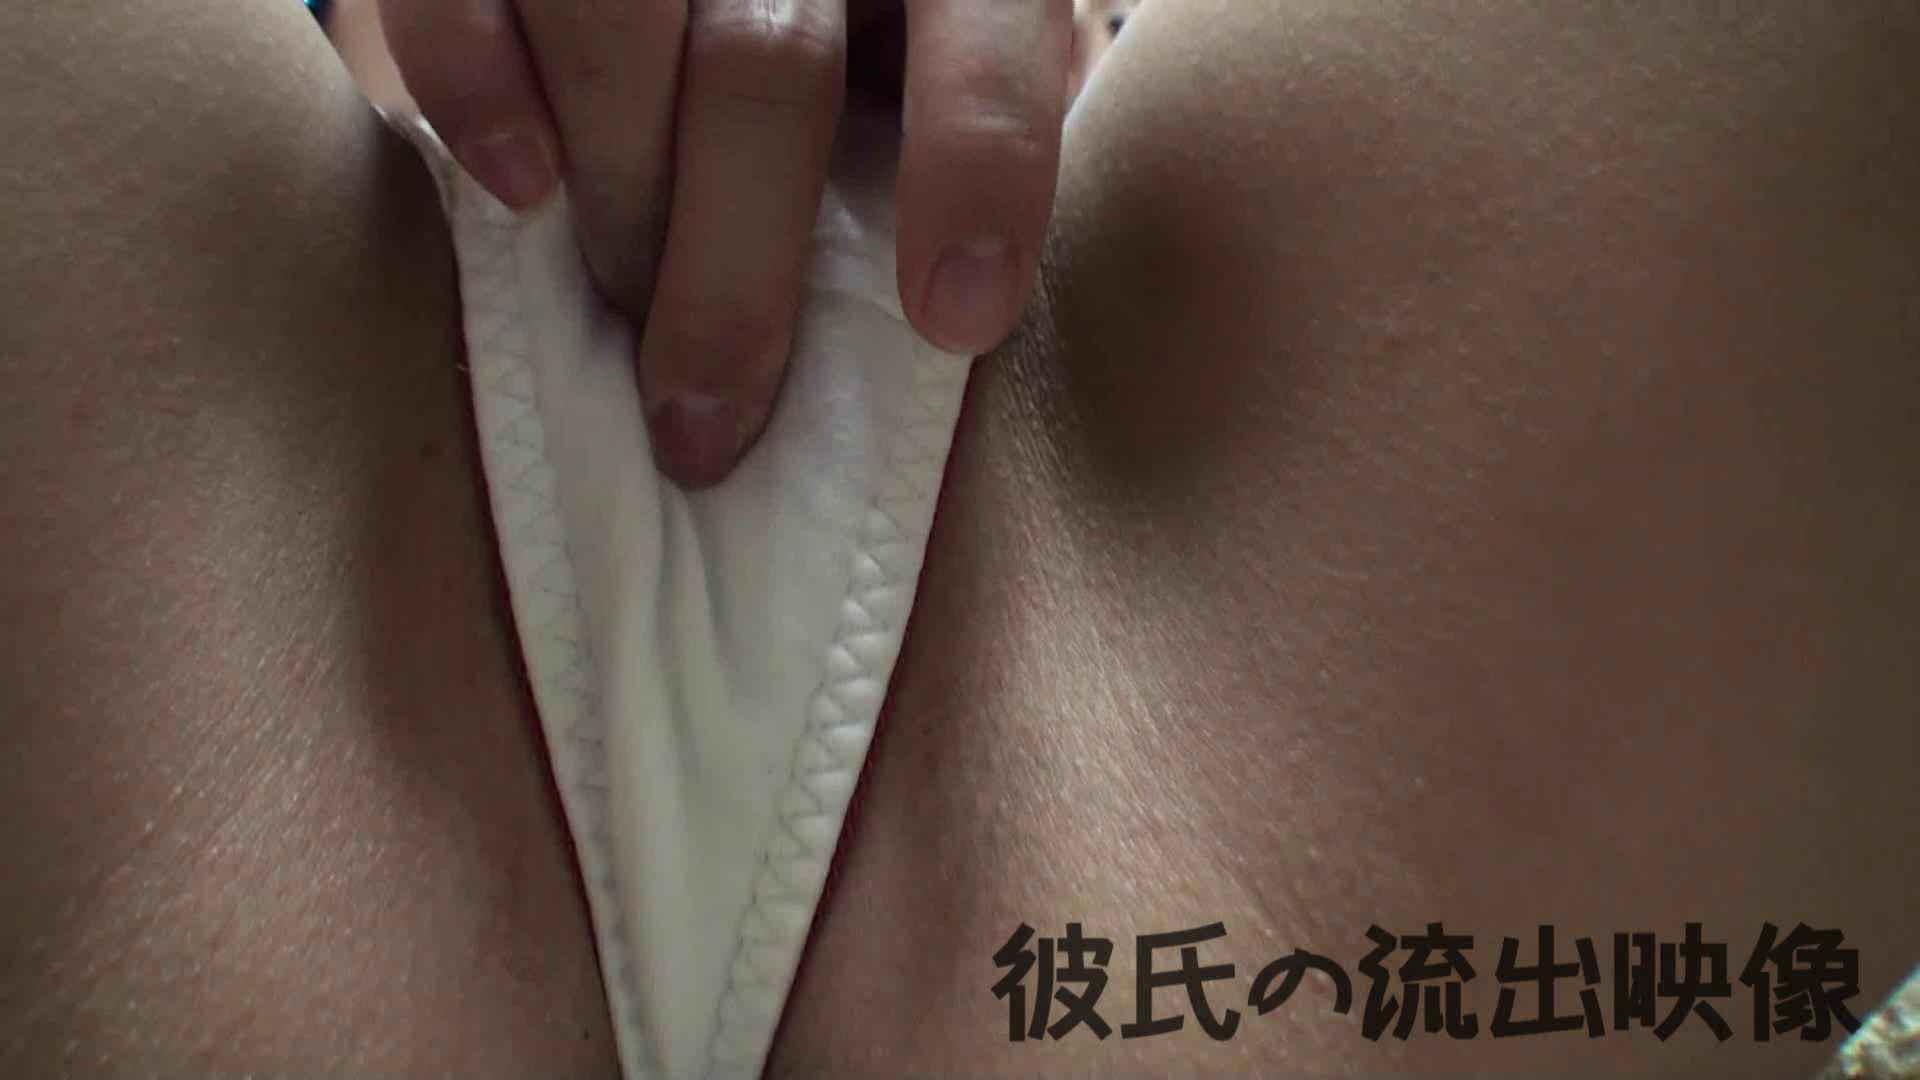 彼氏が流出 パイパン素人嬢のハメ撮り映像04 一般投稿  82連発 33